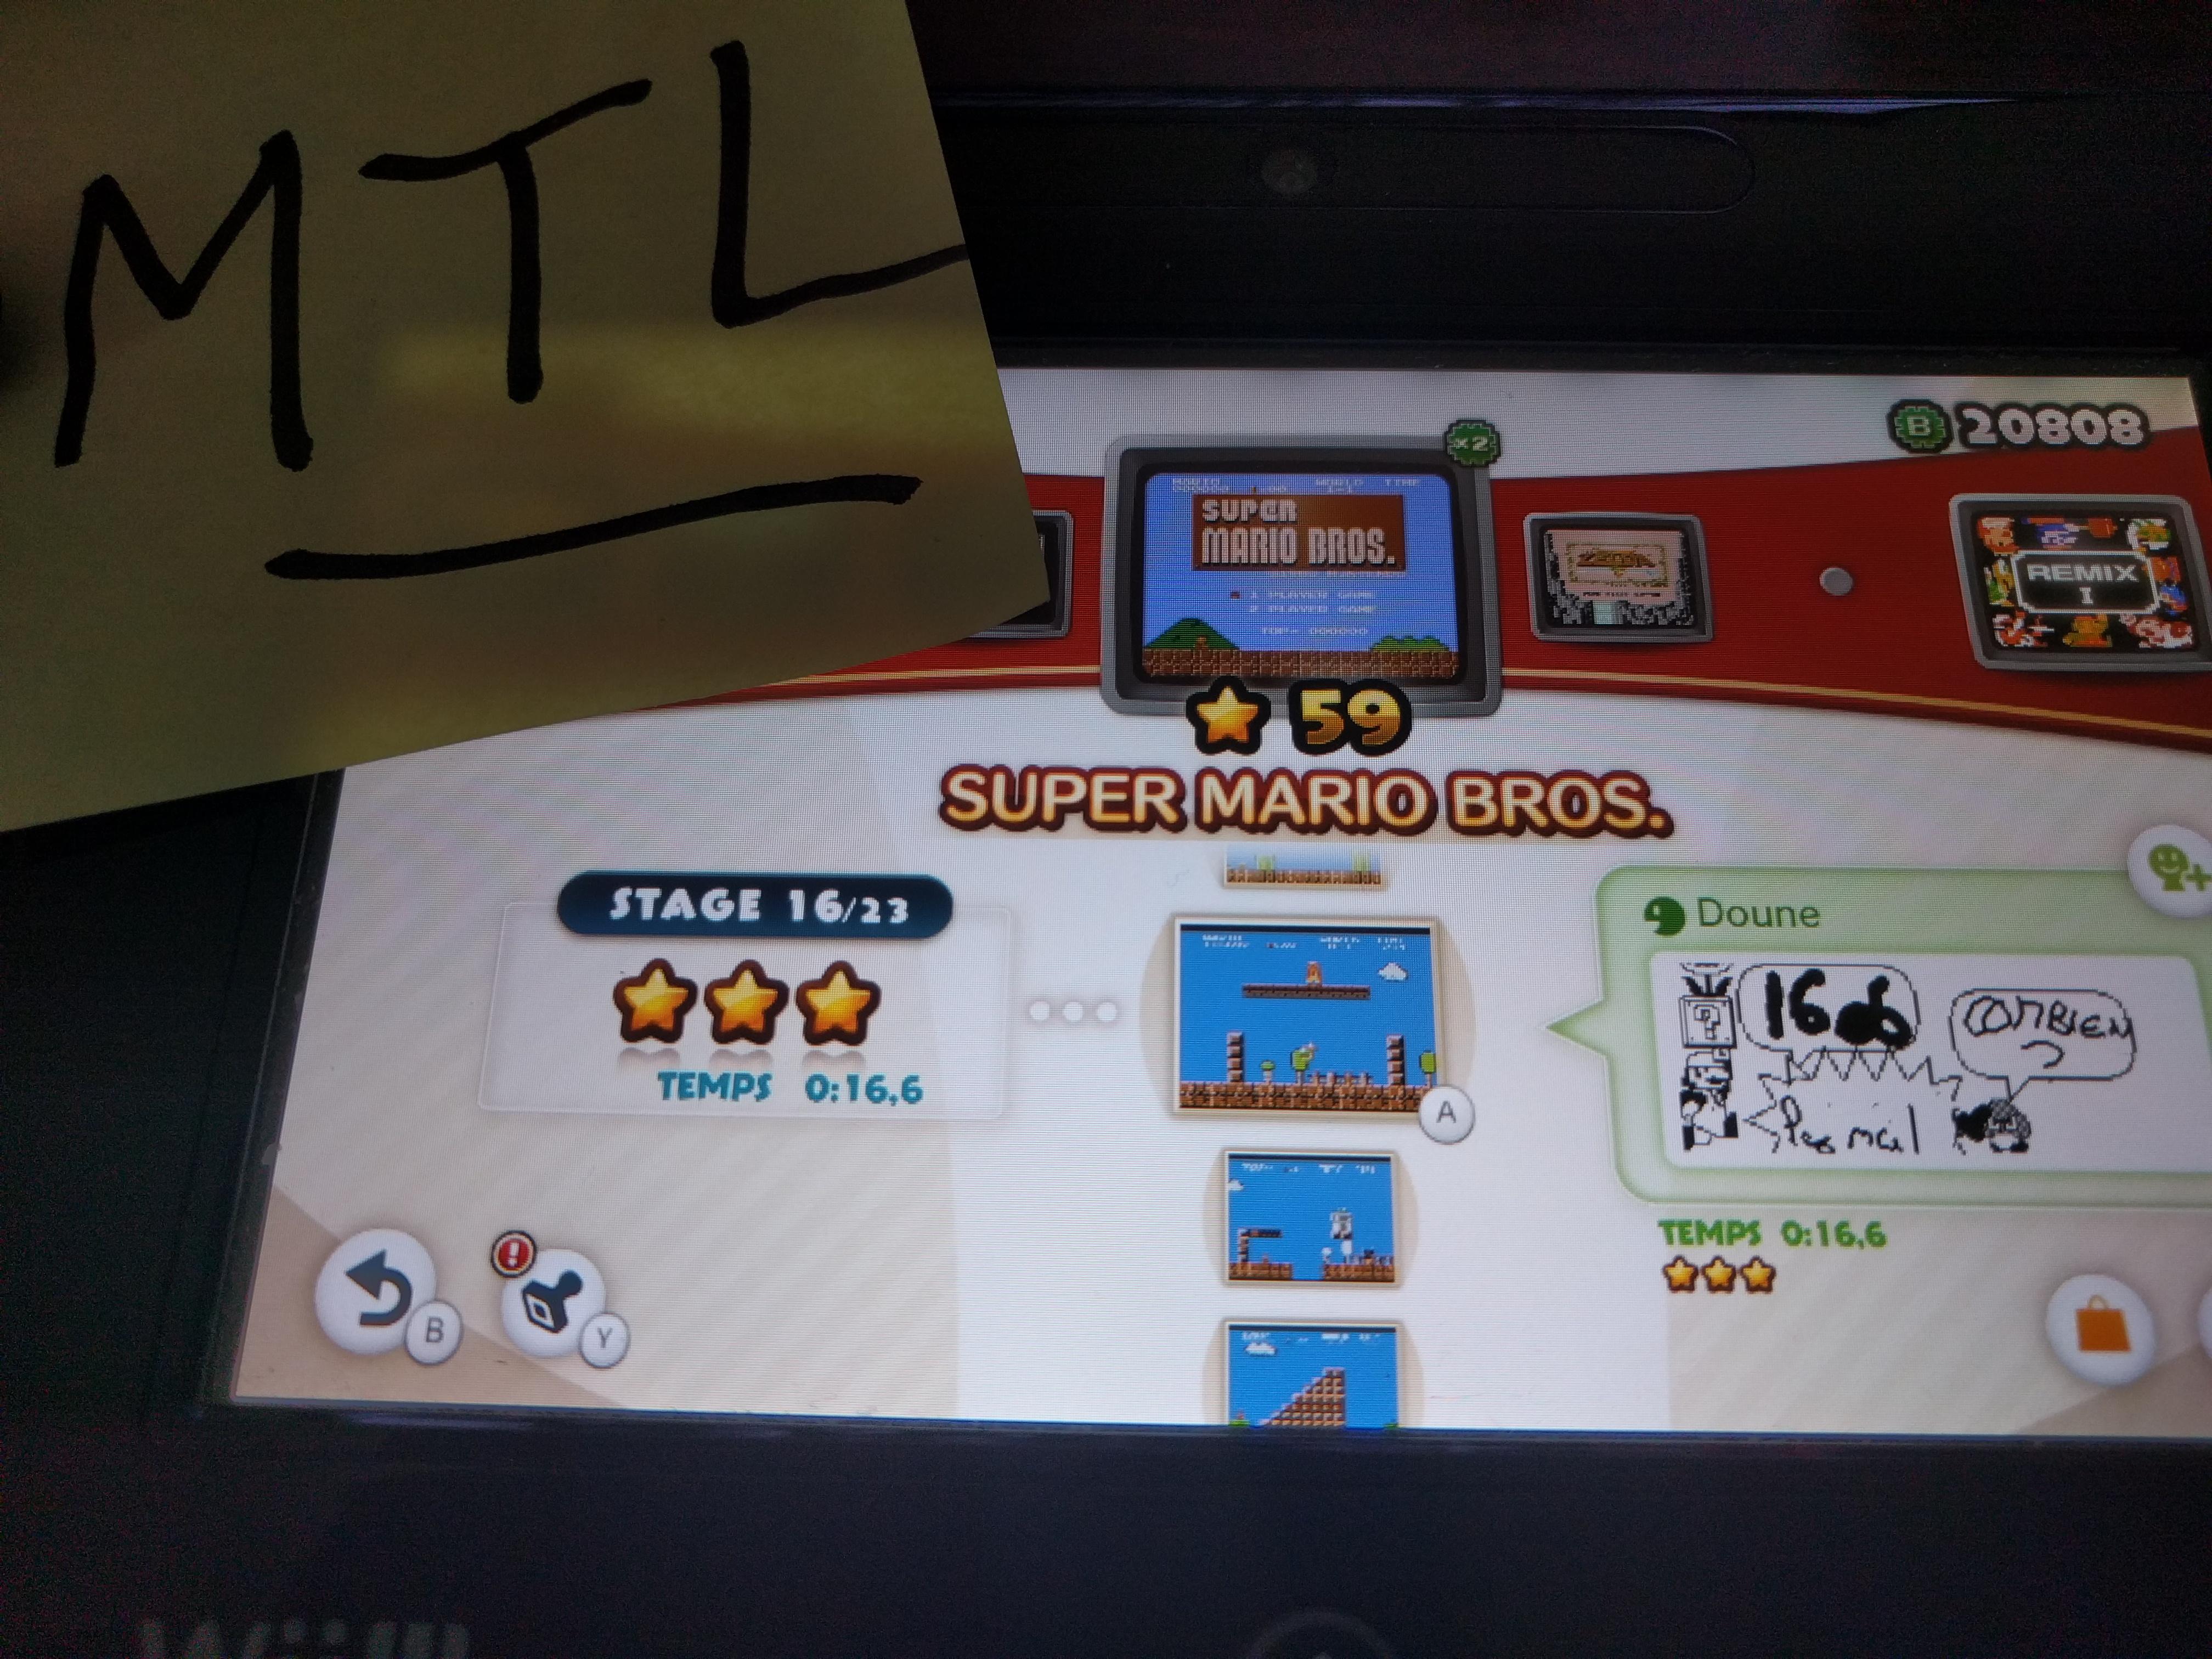 Mantalow: NES Remix: Super Mario Bros: Stage 16 (Wii U) 0:00:16.6 points on 2016-06-10 05:23:49